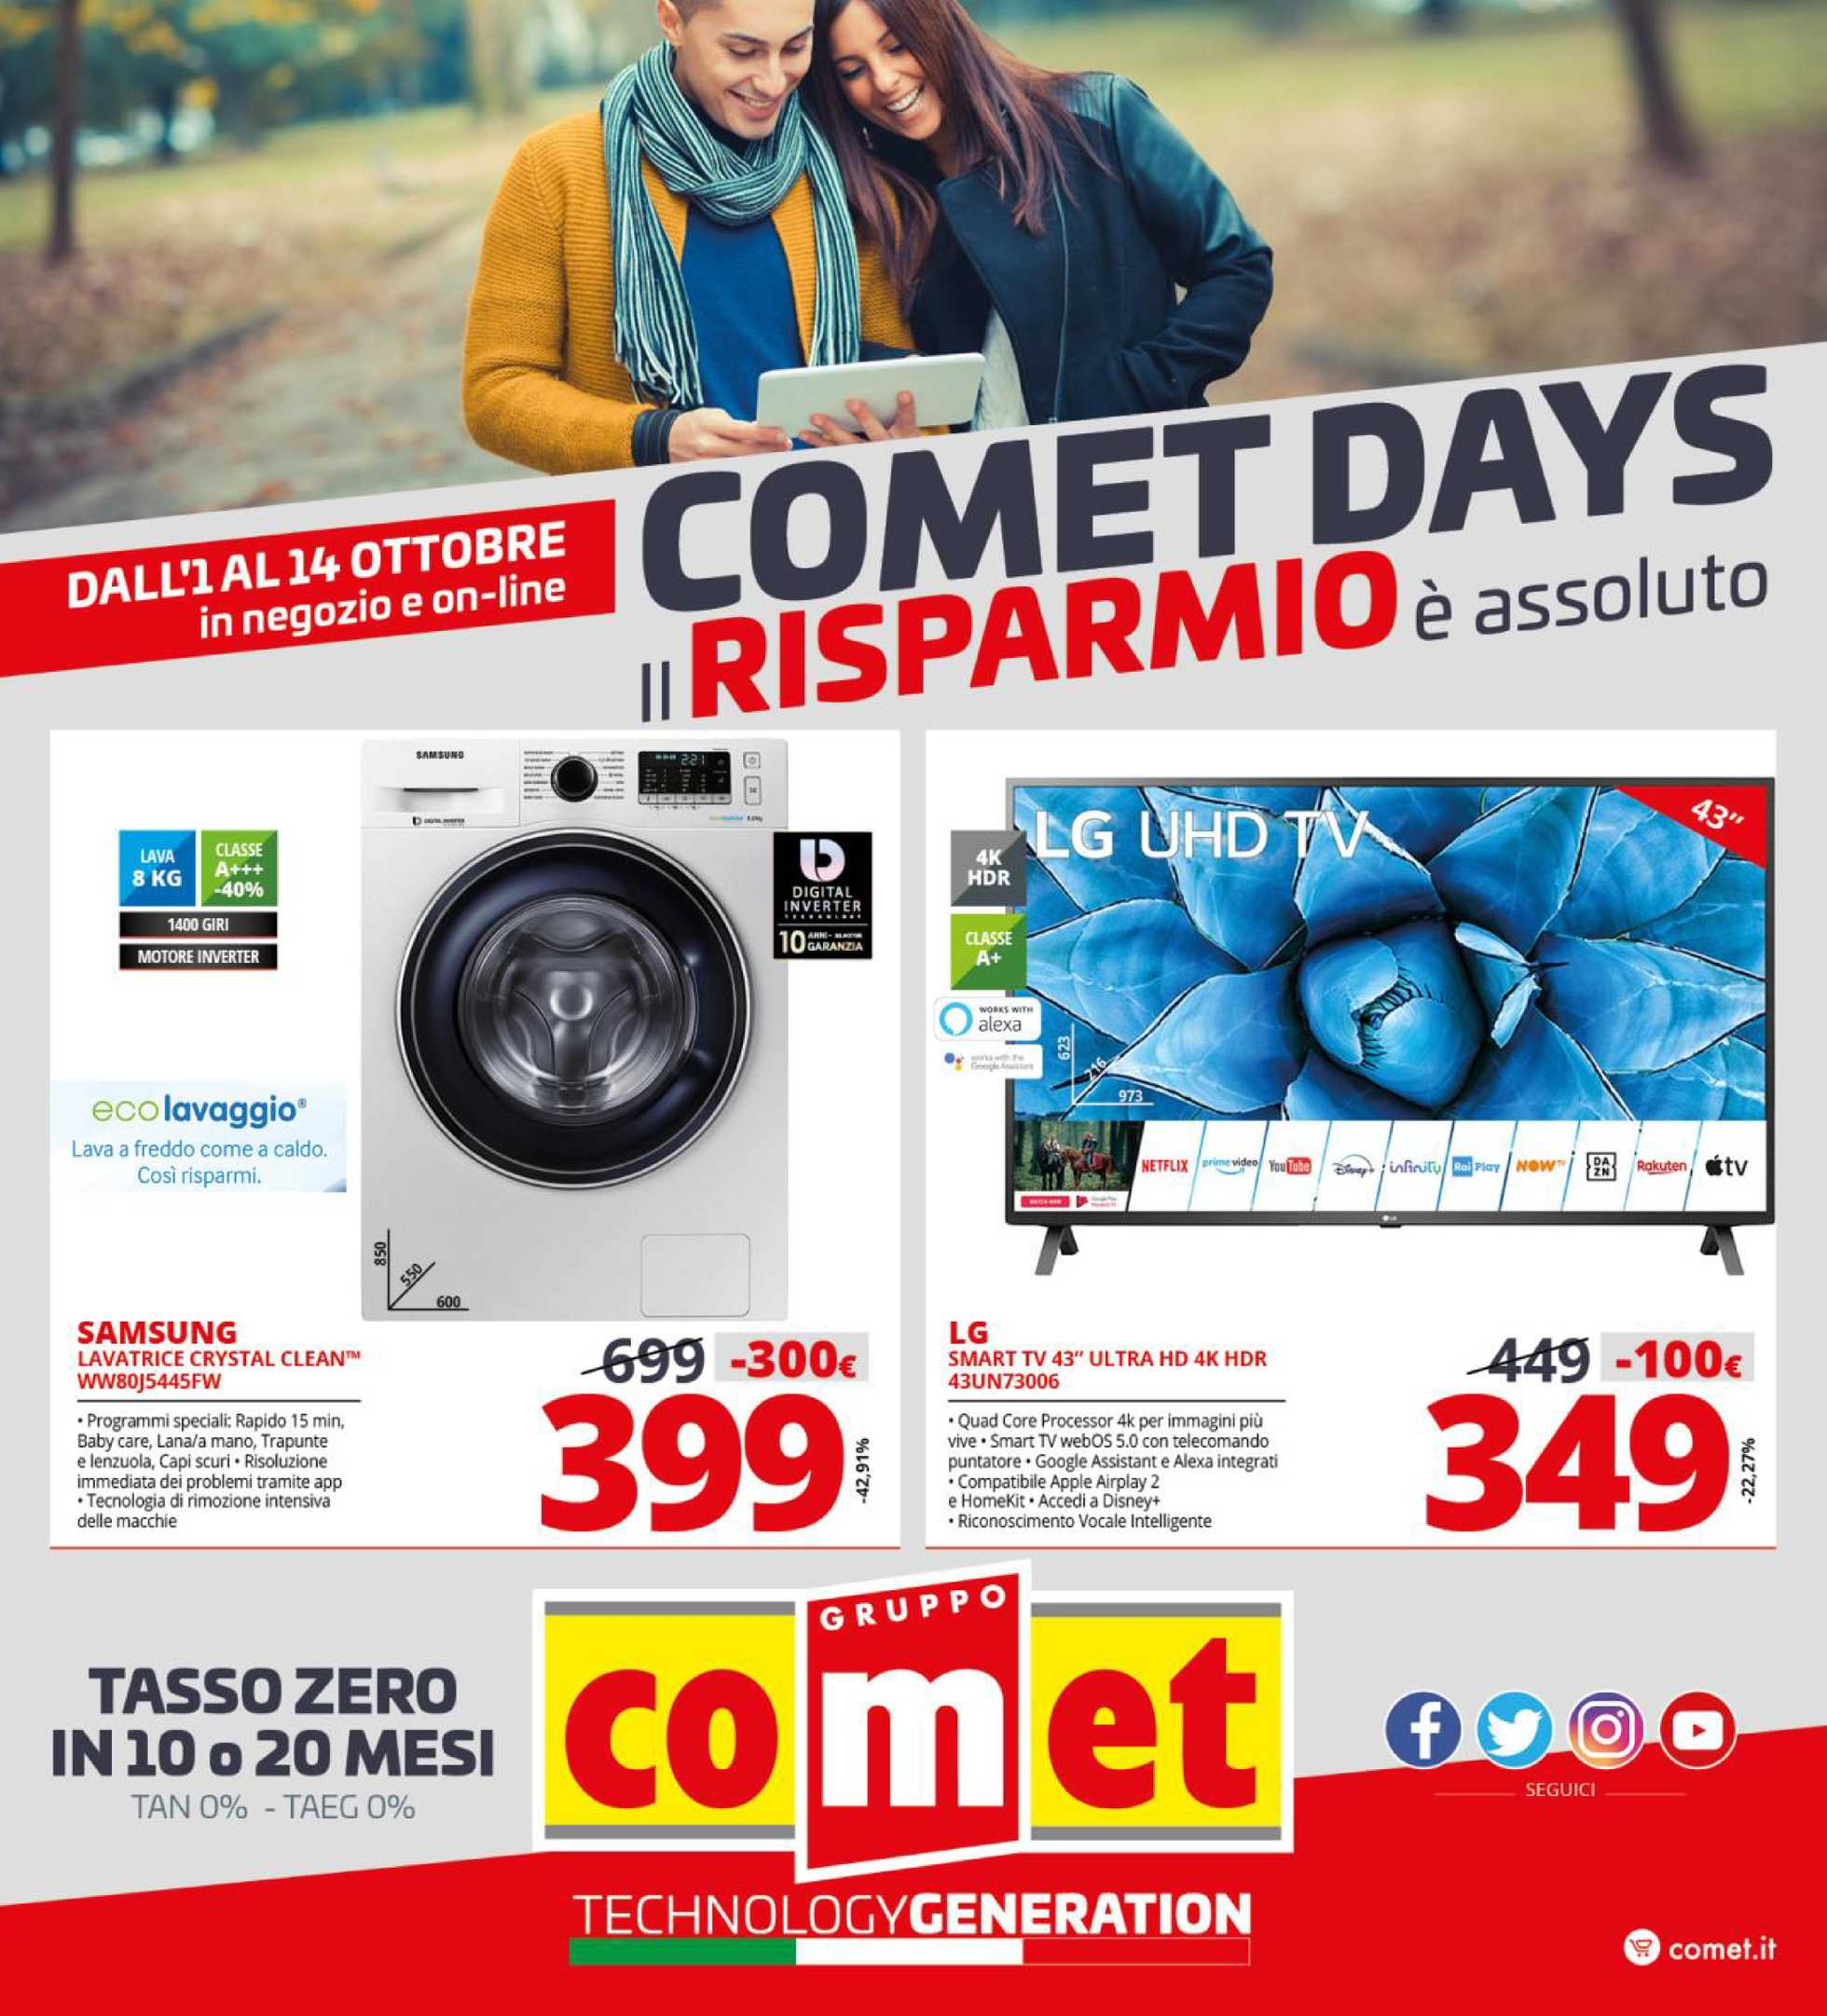 Comet - offerte valide dal 01.10.2020 al 14.10.2020 - pagina 1.